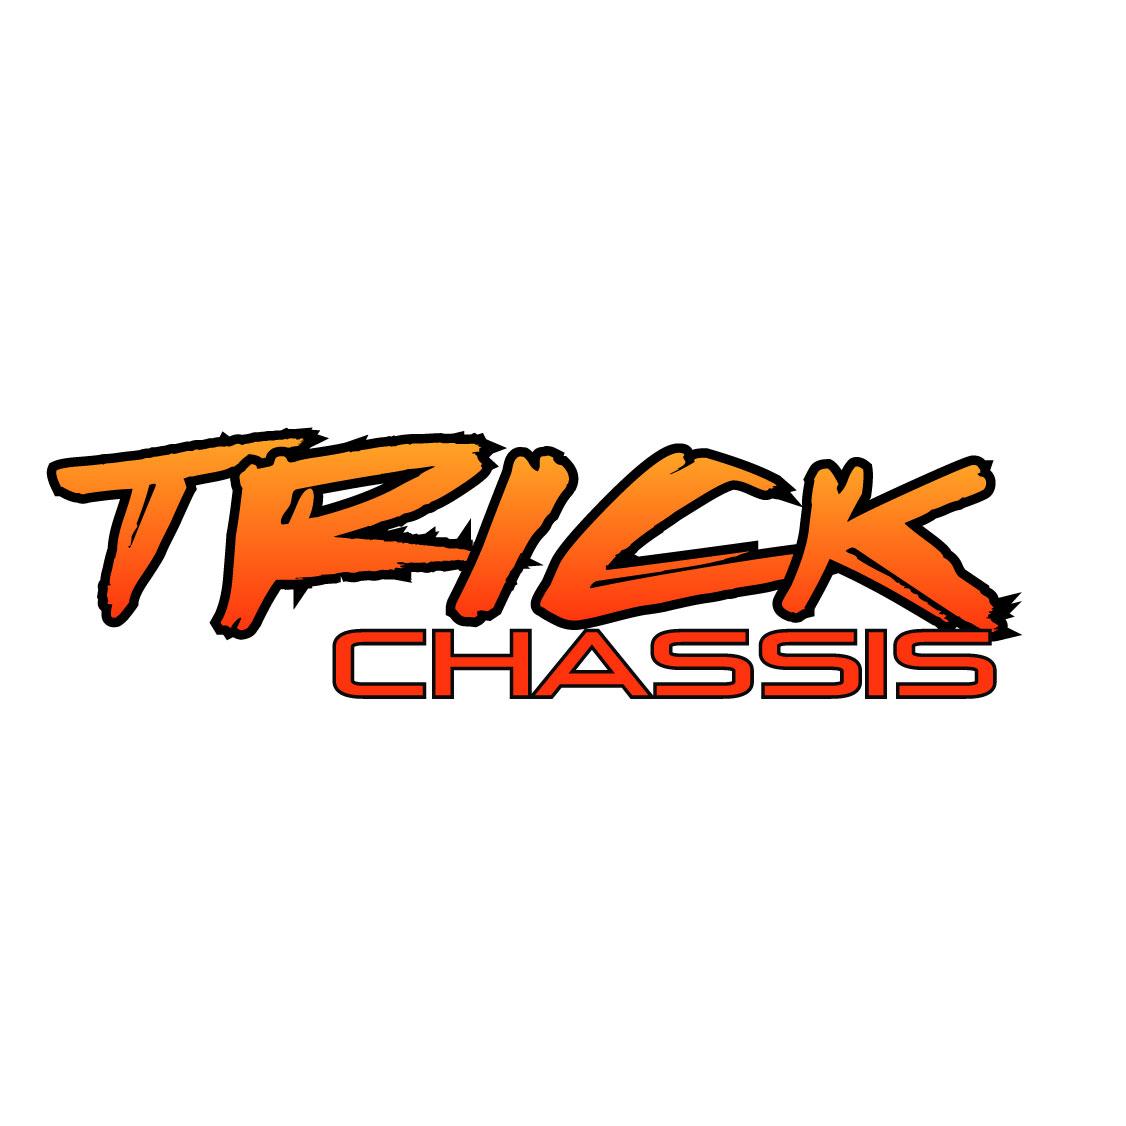 trickchassis.com